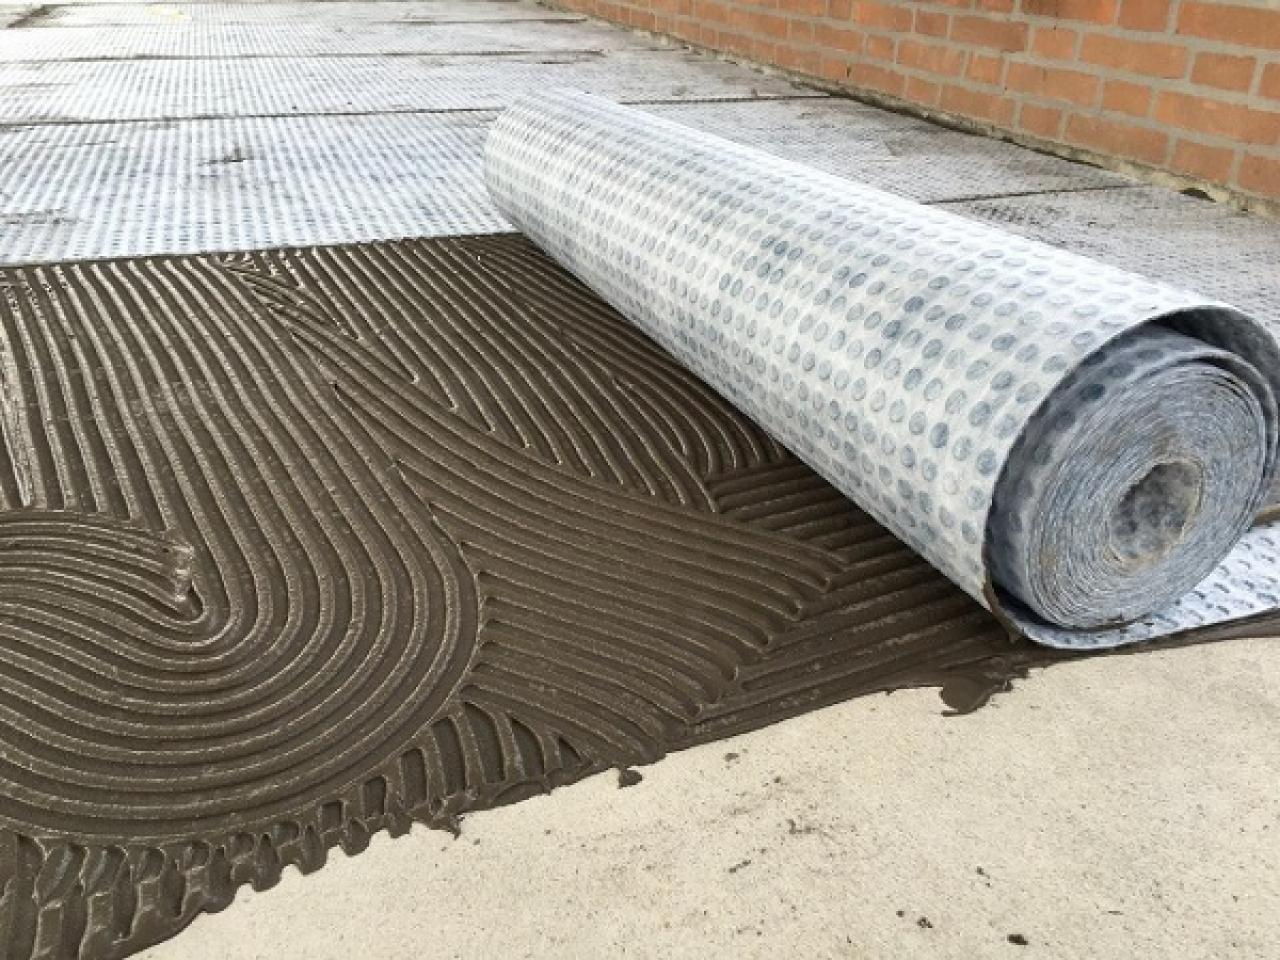 Impermeabilizzare un terrazzo: impresa riuscita | Fratelli Pellizzari